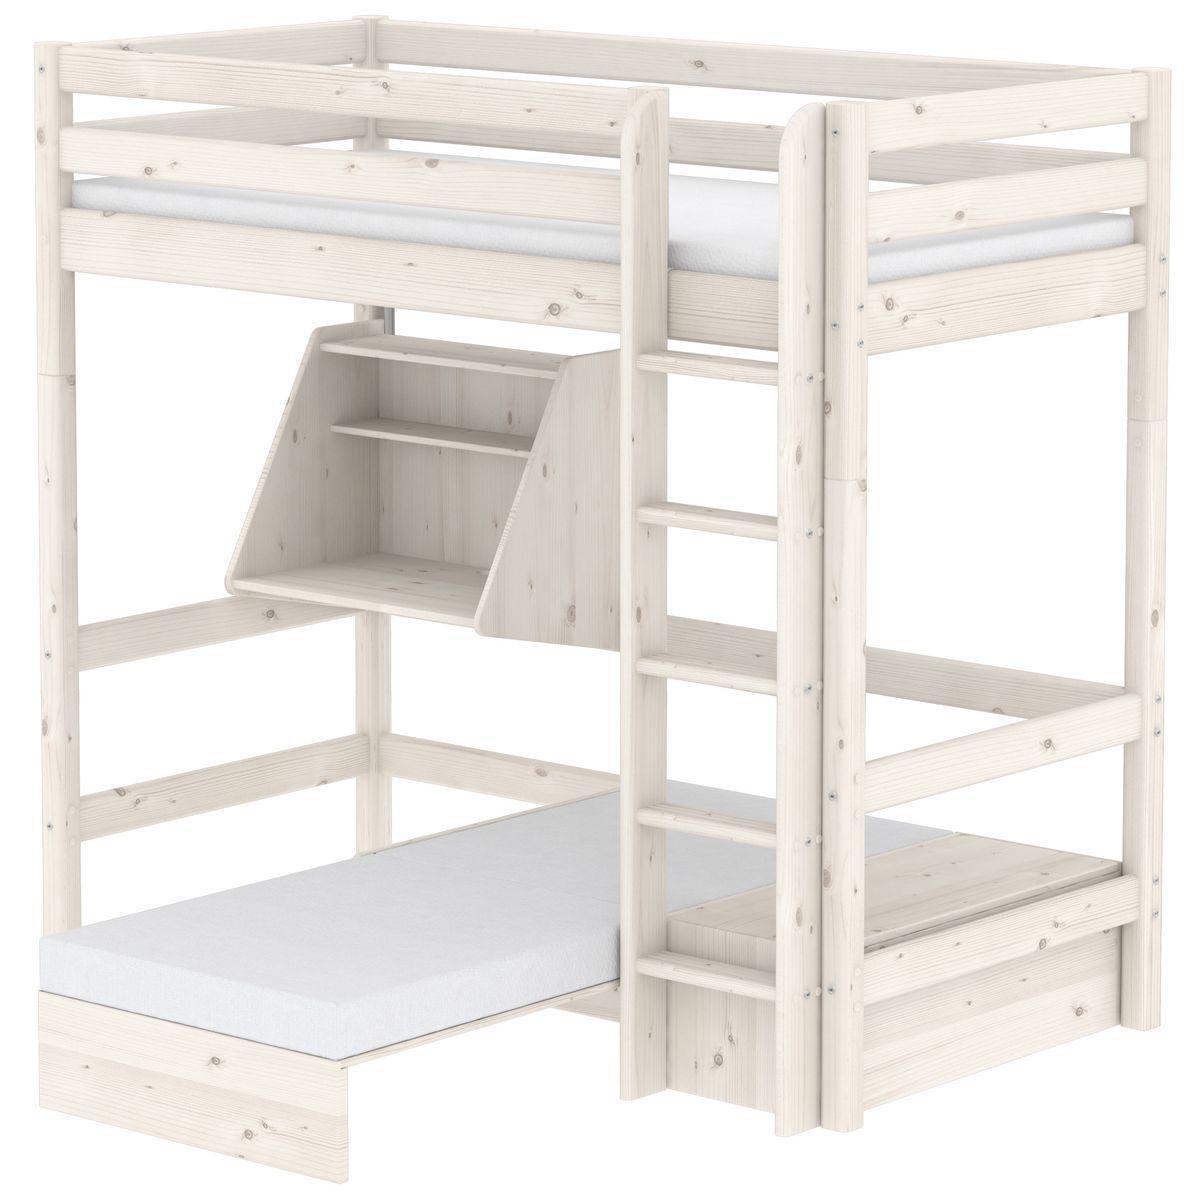 Hochbett mit integriertem Sofabett 90x200cm-Hängeschreibtisch-gerader Leiter (ohne Matratze) CLASSIC Flexa whitewash